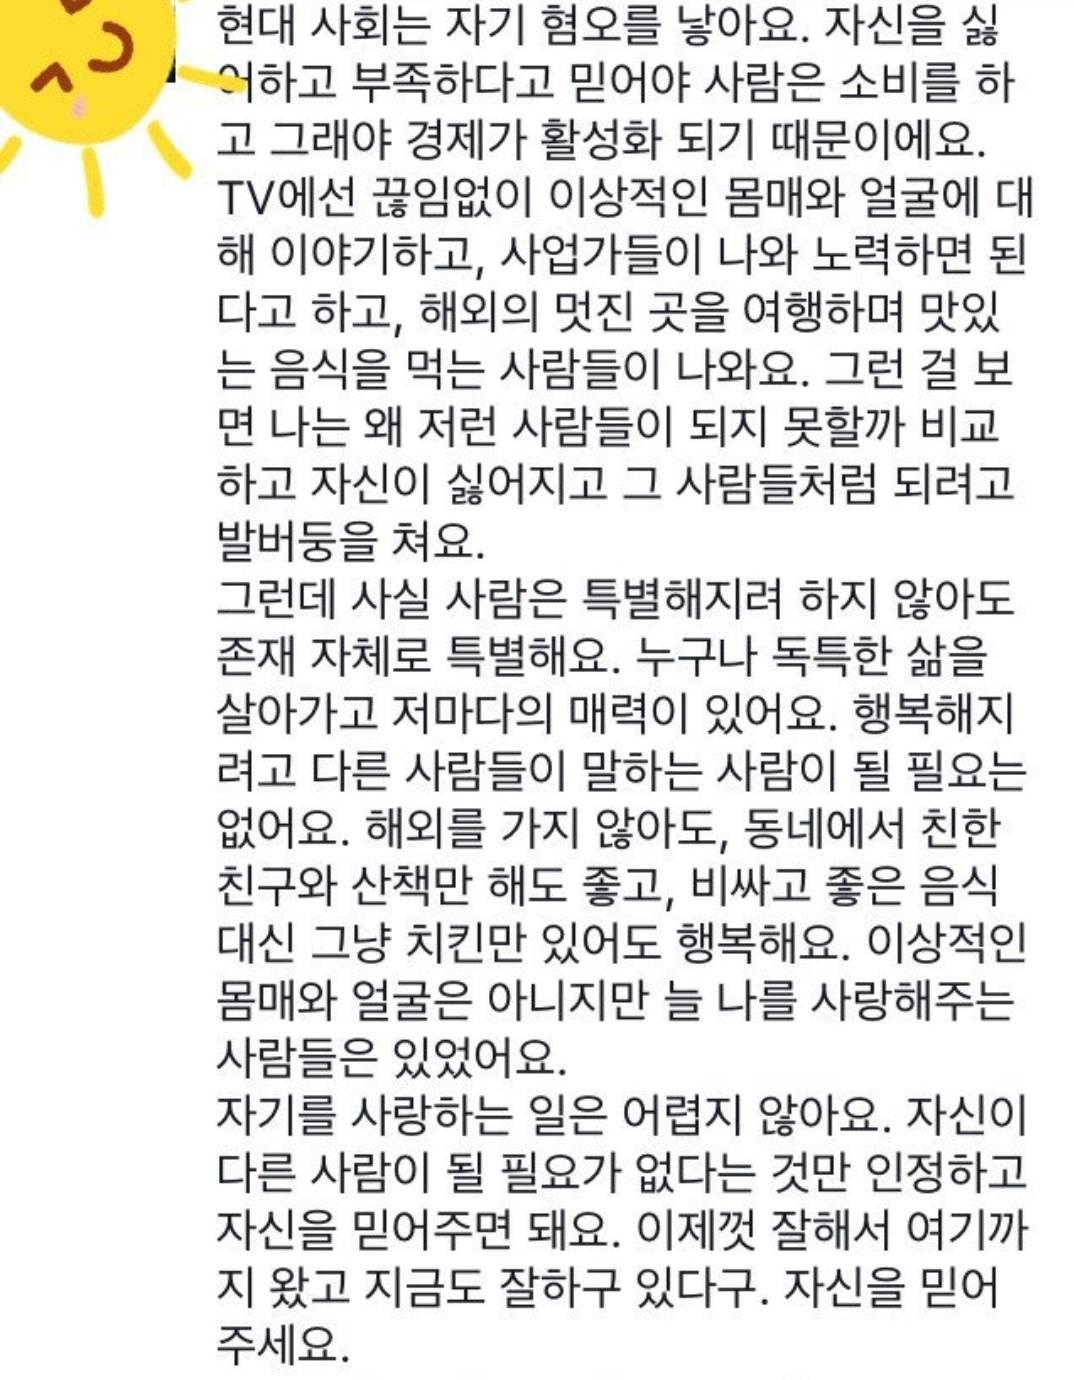 진짜 자존감이 뭔지 깨닫게 해 주는 한 서울대 학생의 글.jpg | 인스티즈